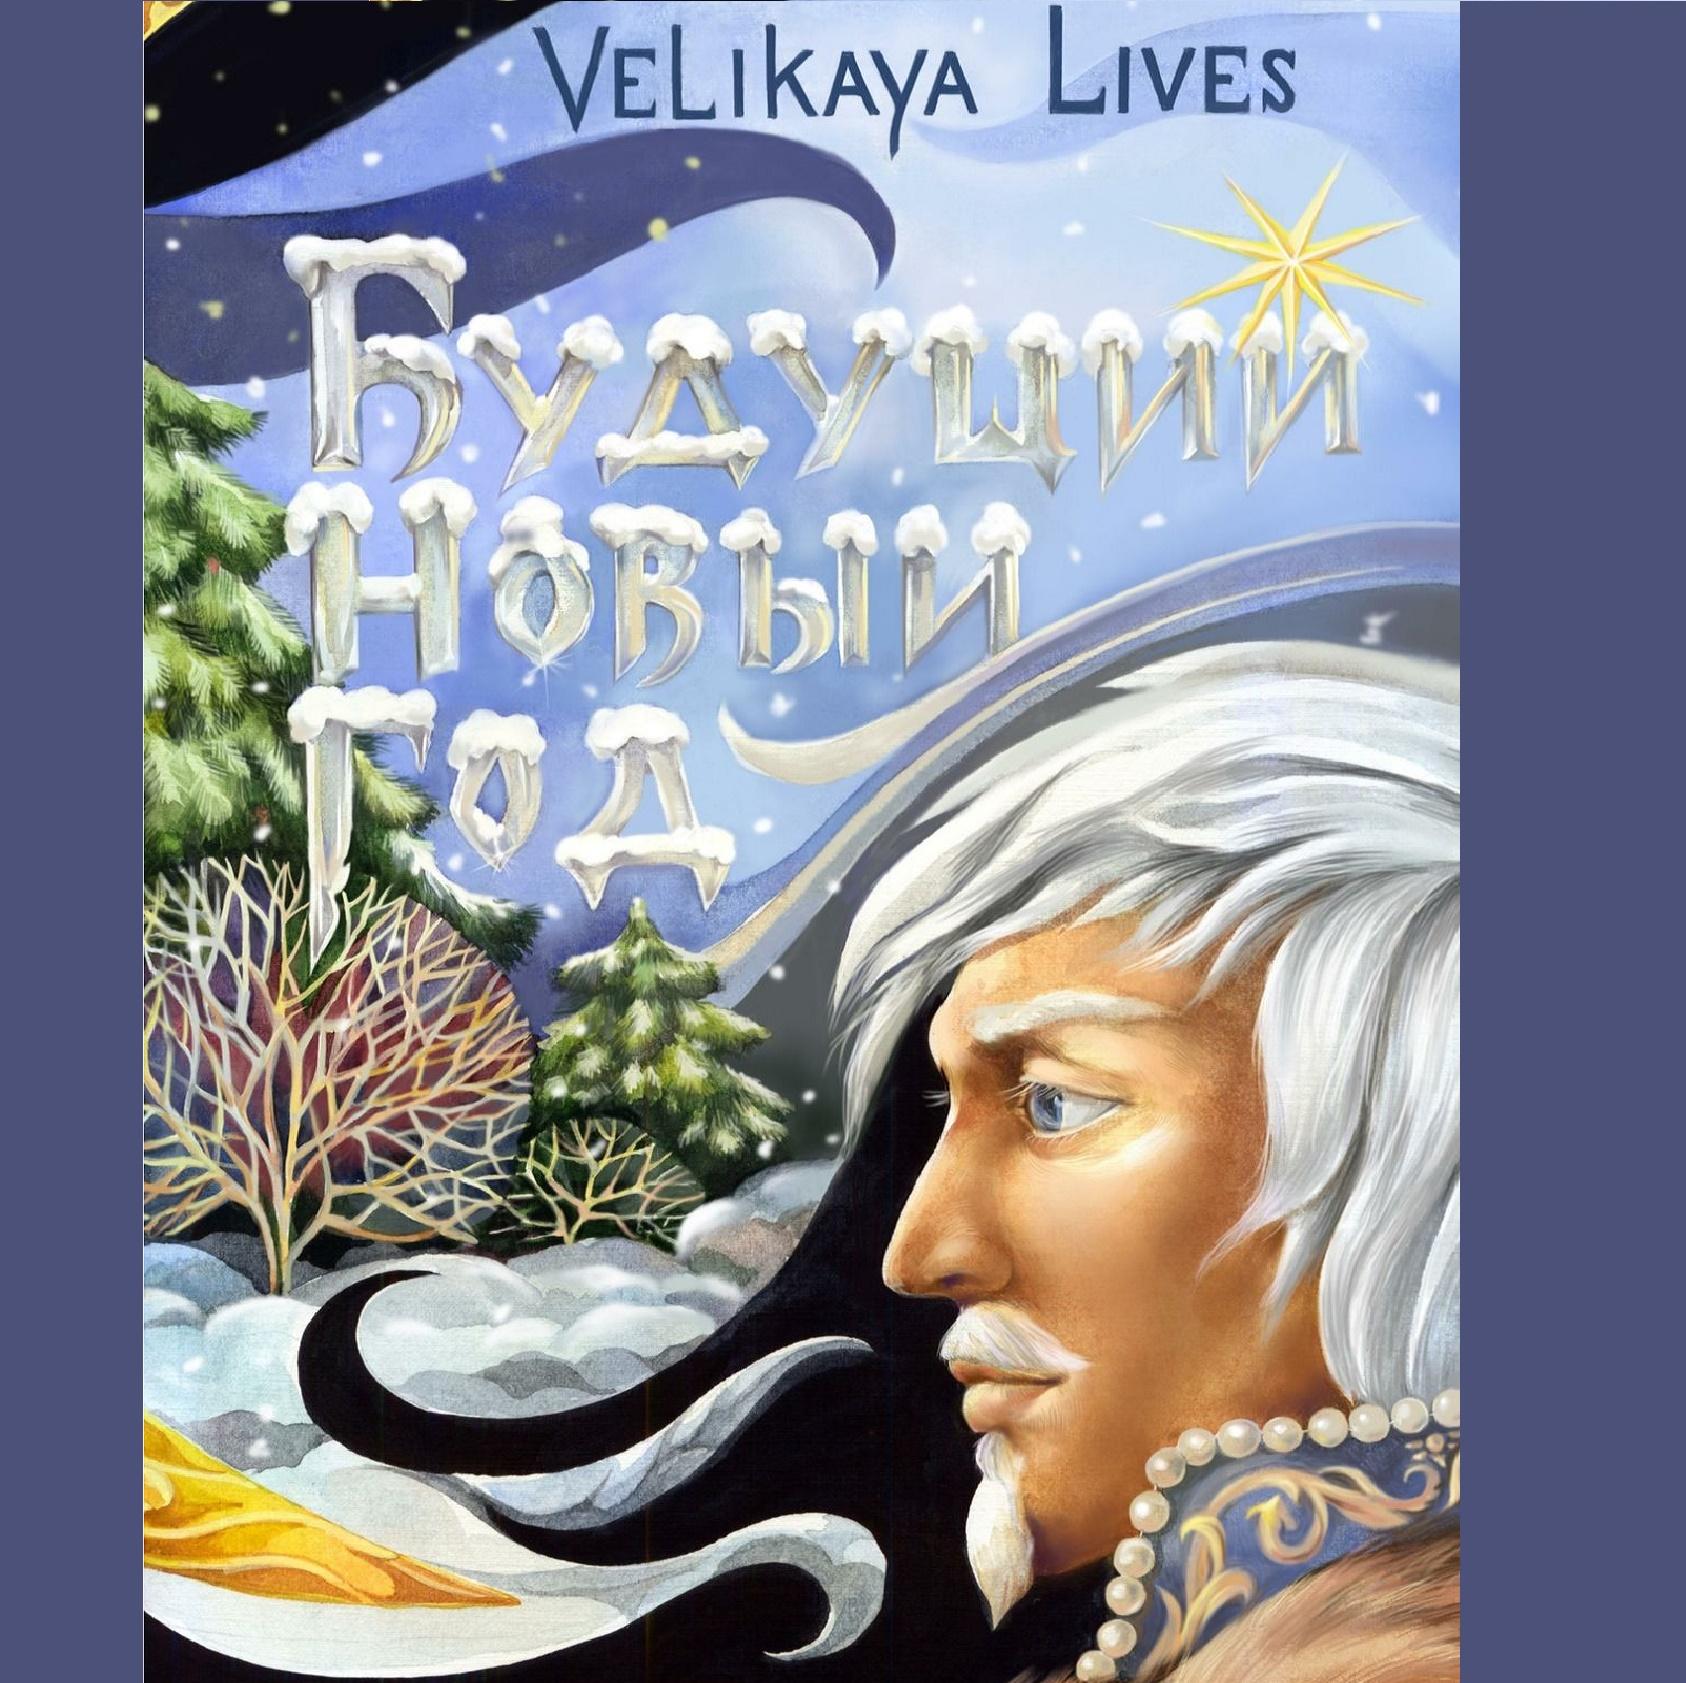 Velikaya Lives Будущий новый год